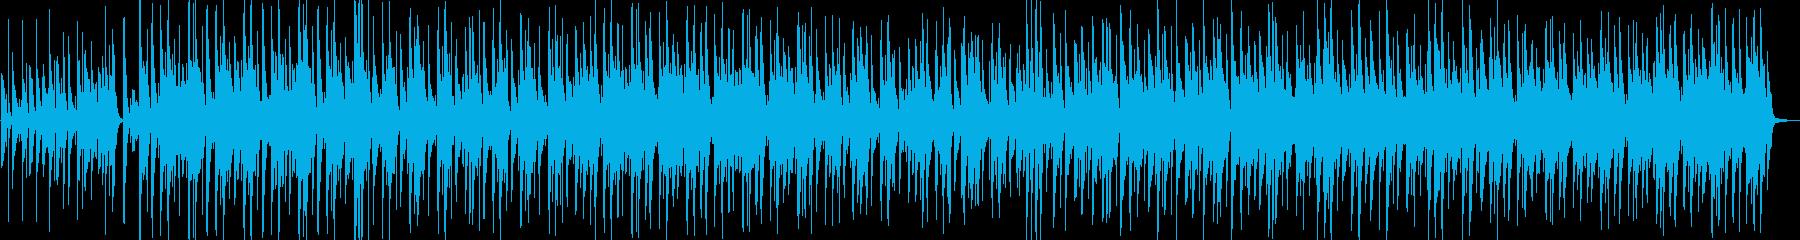 CM企業VPピアノかわいい系の再生済みの波形